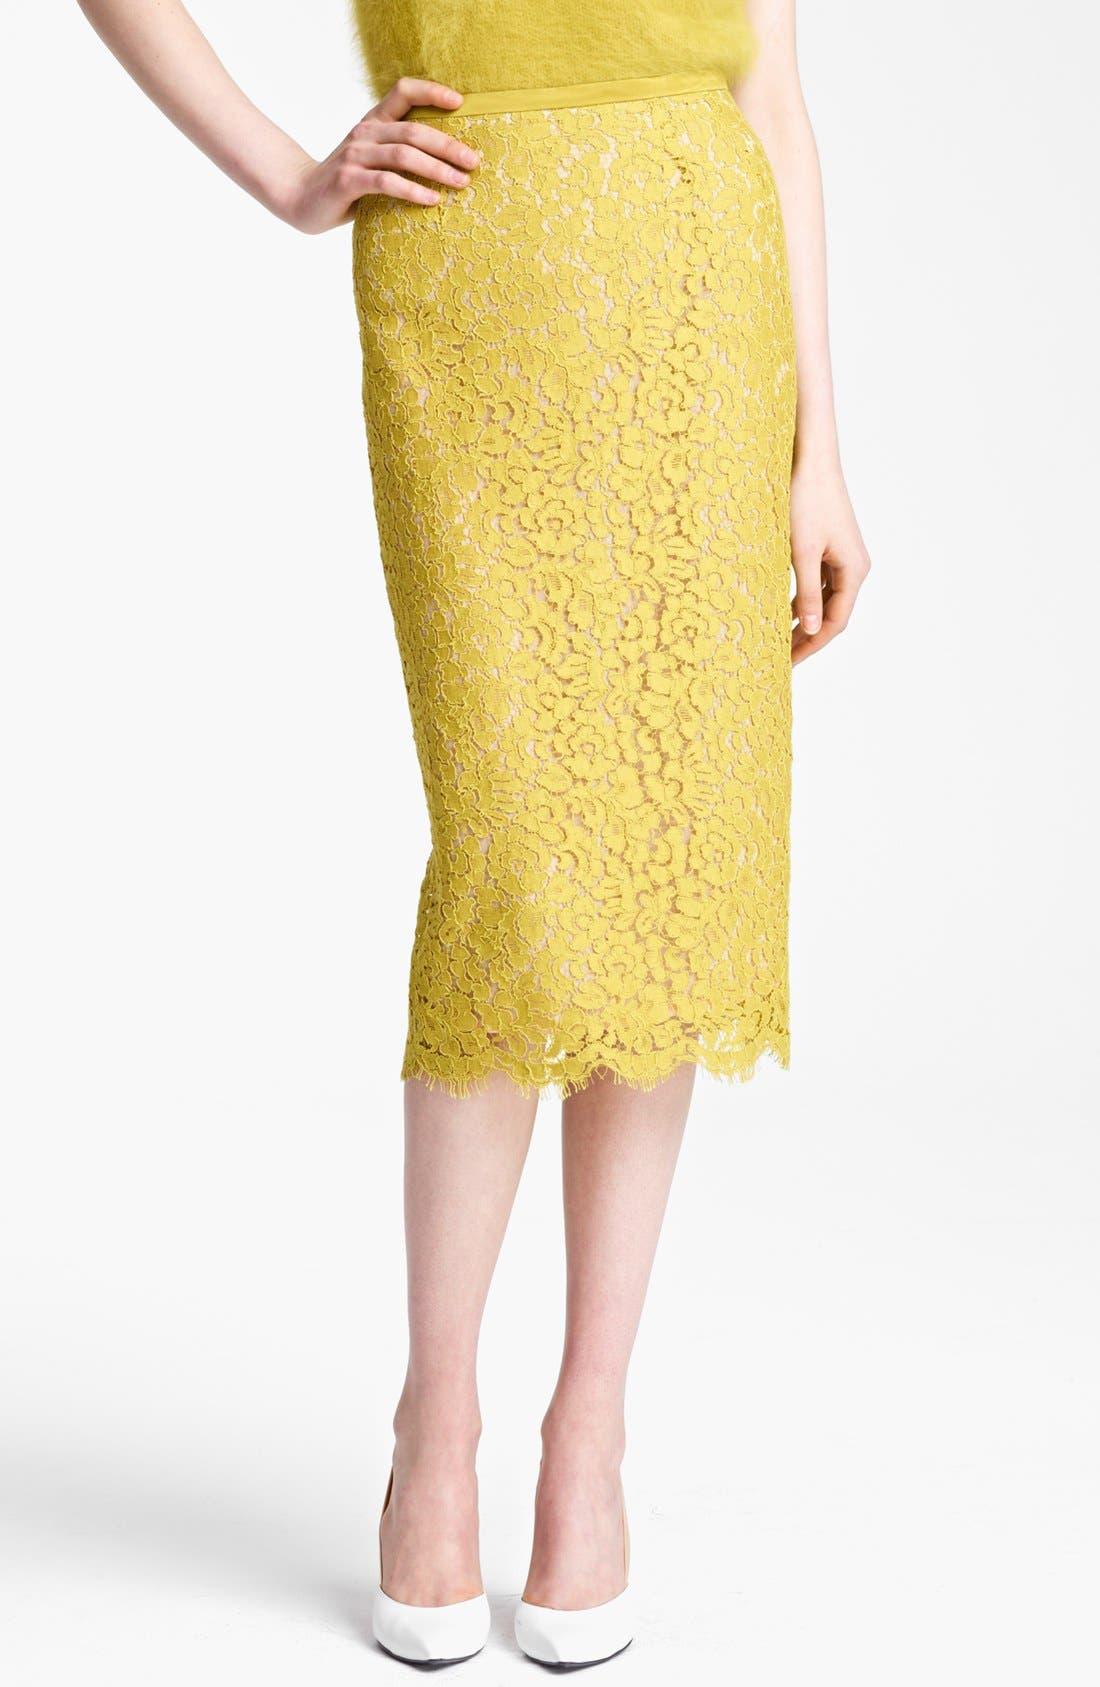 Main Image - Michael Kors Floral Lace Pencil Skirt